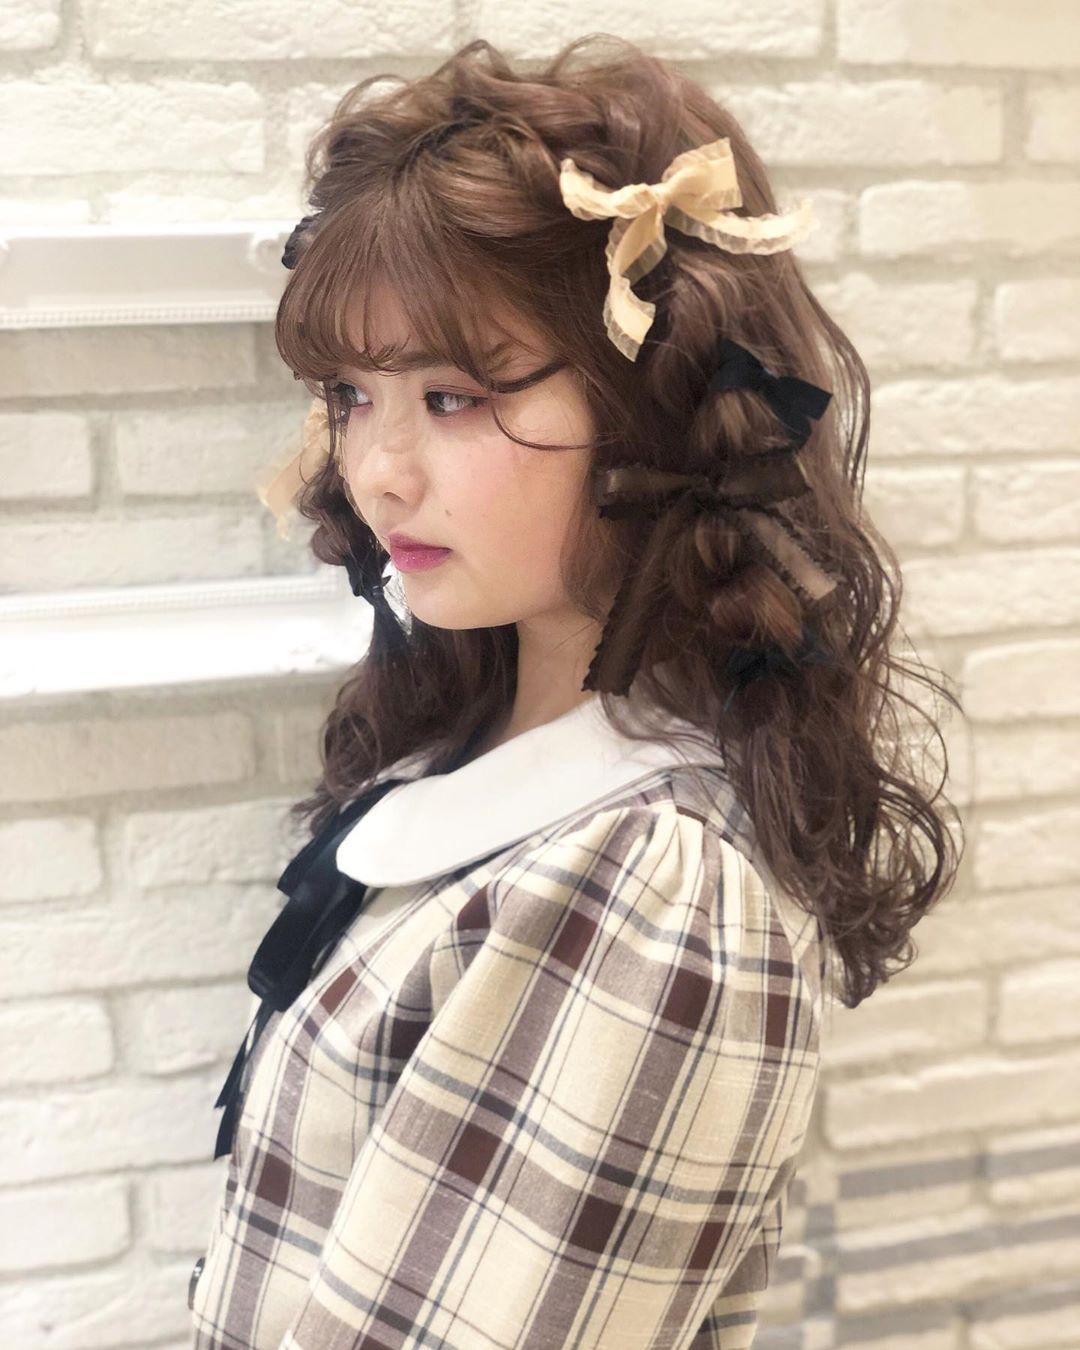 夏山 有紗/セルフアレンジ/ボブアレンジ🧸❤︎はInstagramを利用しています:「ゆるふわ波巻き×ロープ編み✂︎ メイク、ファッション、リボンをチョコレートカラーでまとめました🍫❤︎ #美容学生 #作品撮り #ありちゃりへあー #kawaiiがーる🎀」